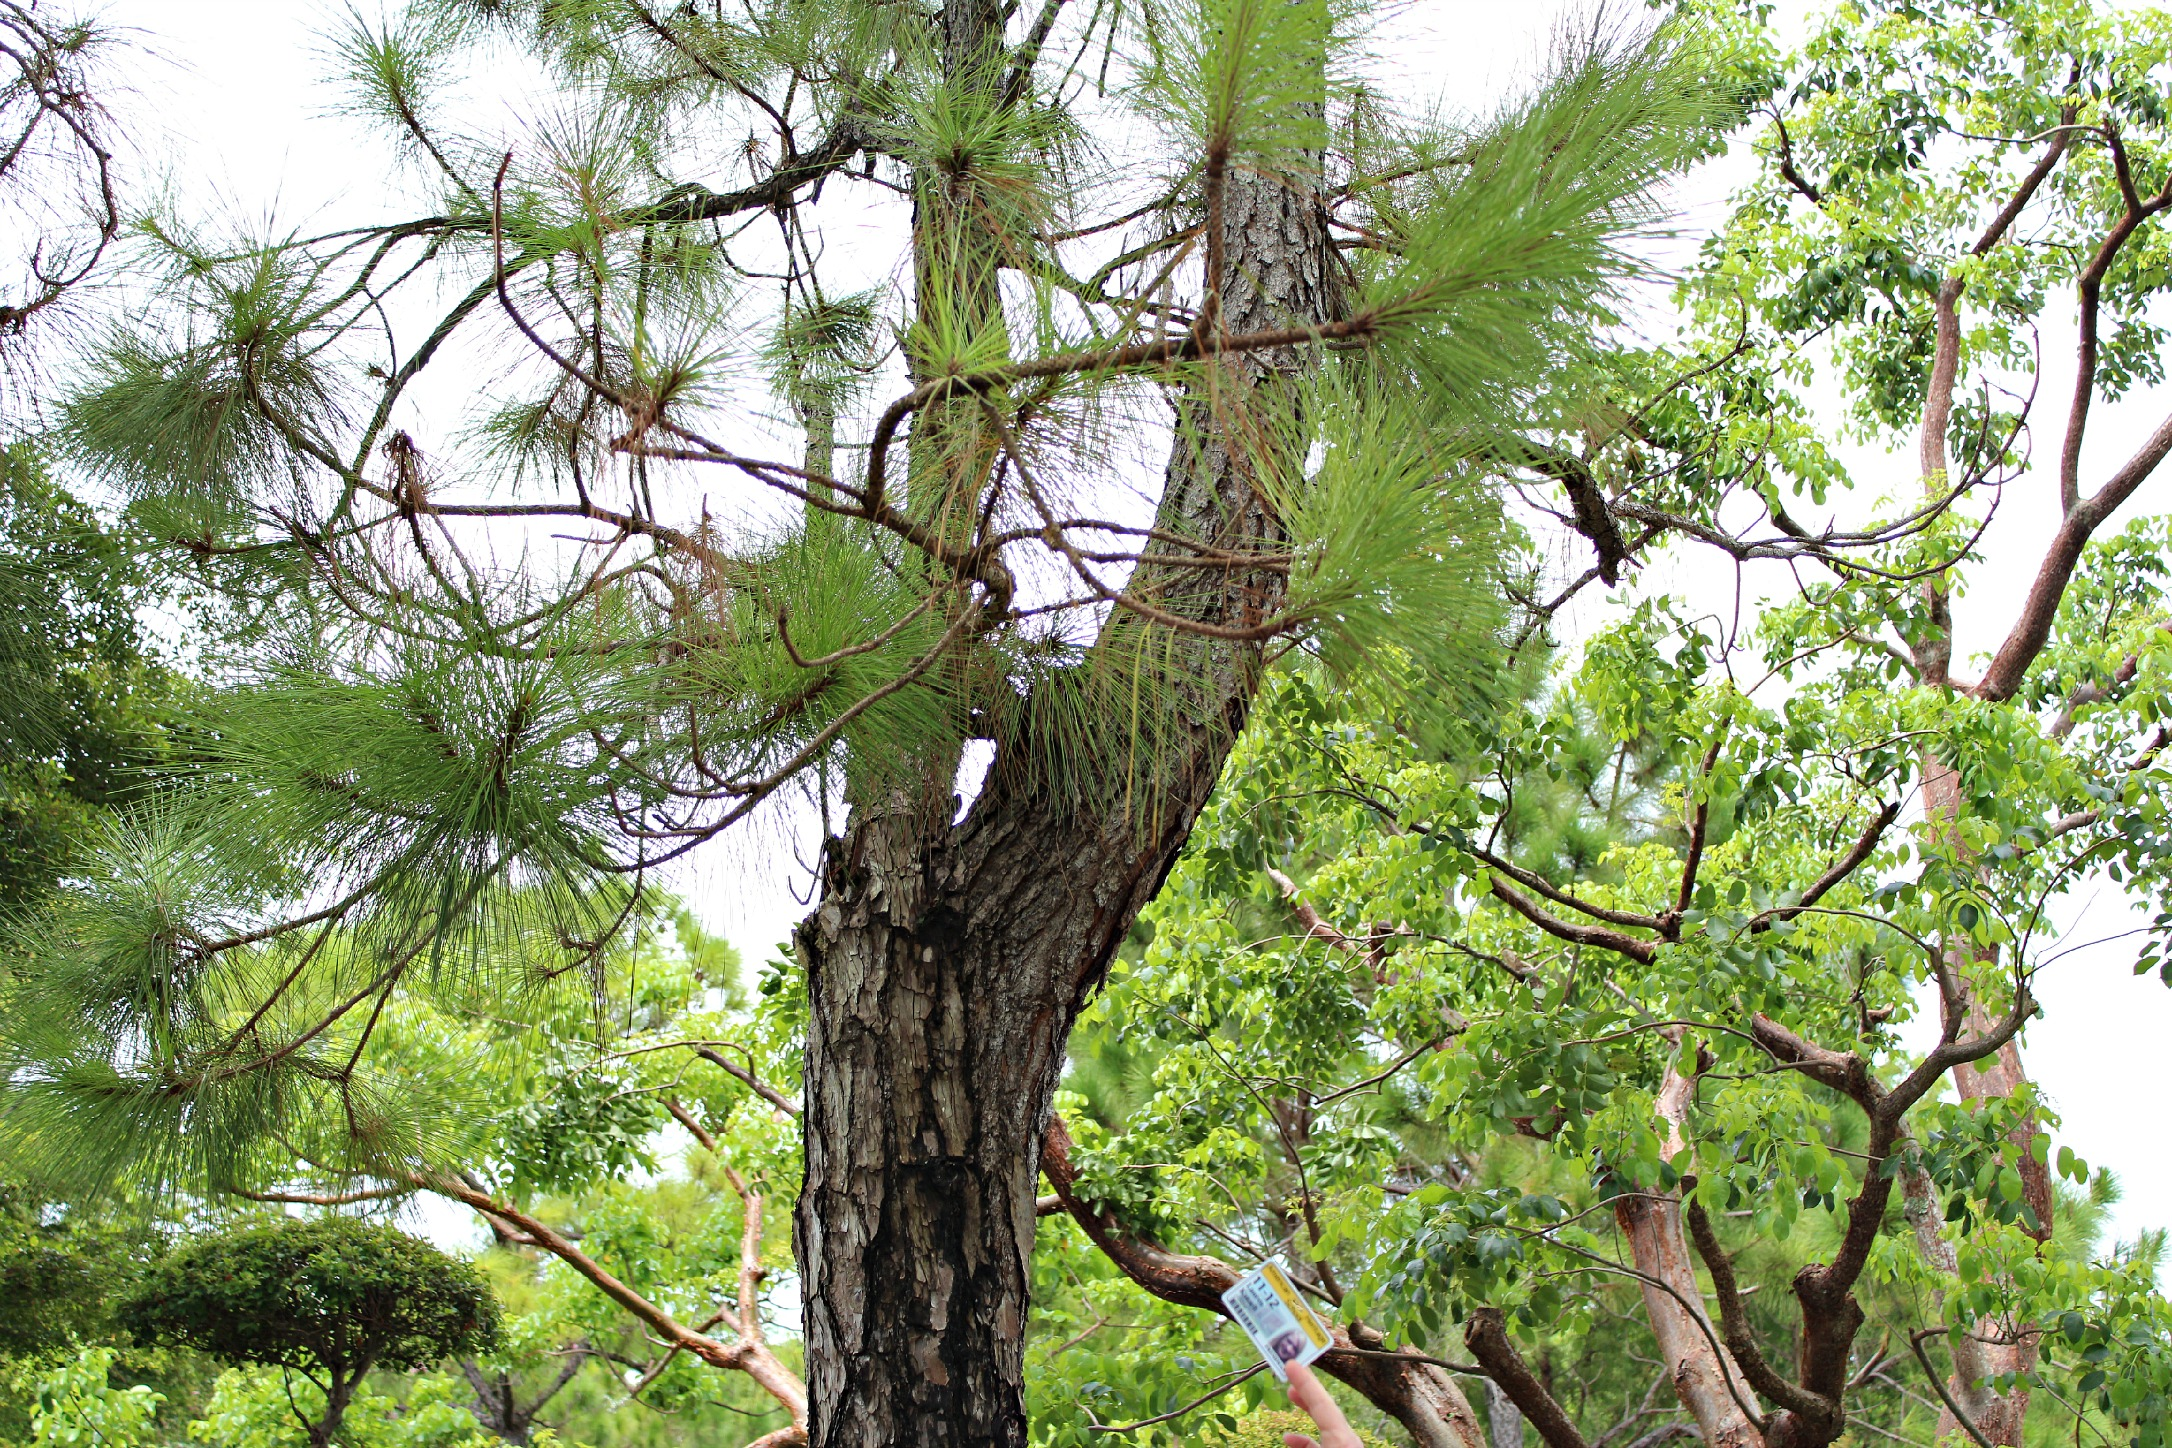 Gymnosperm Leaf